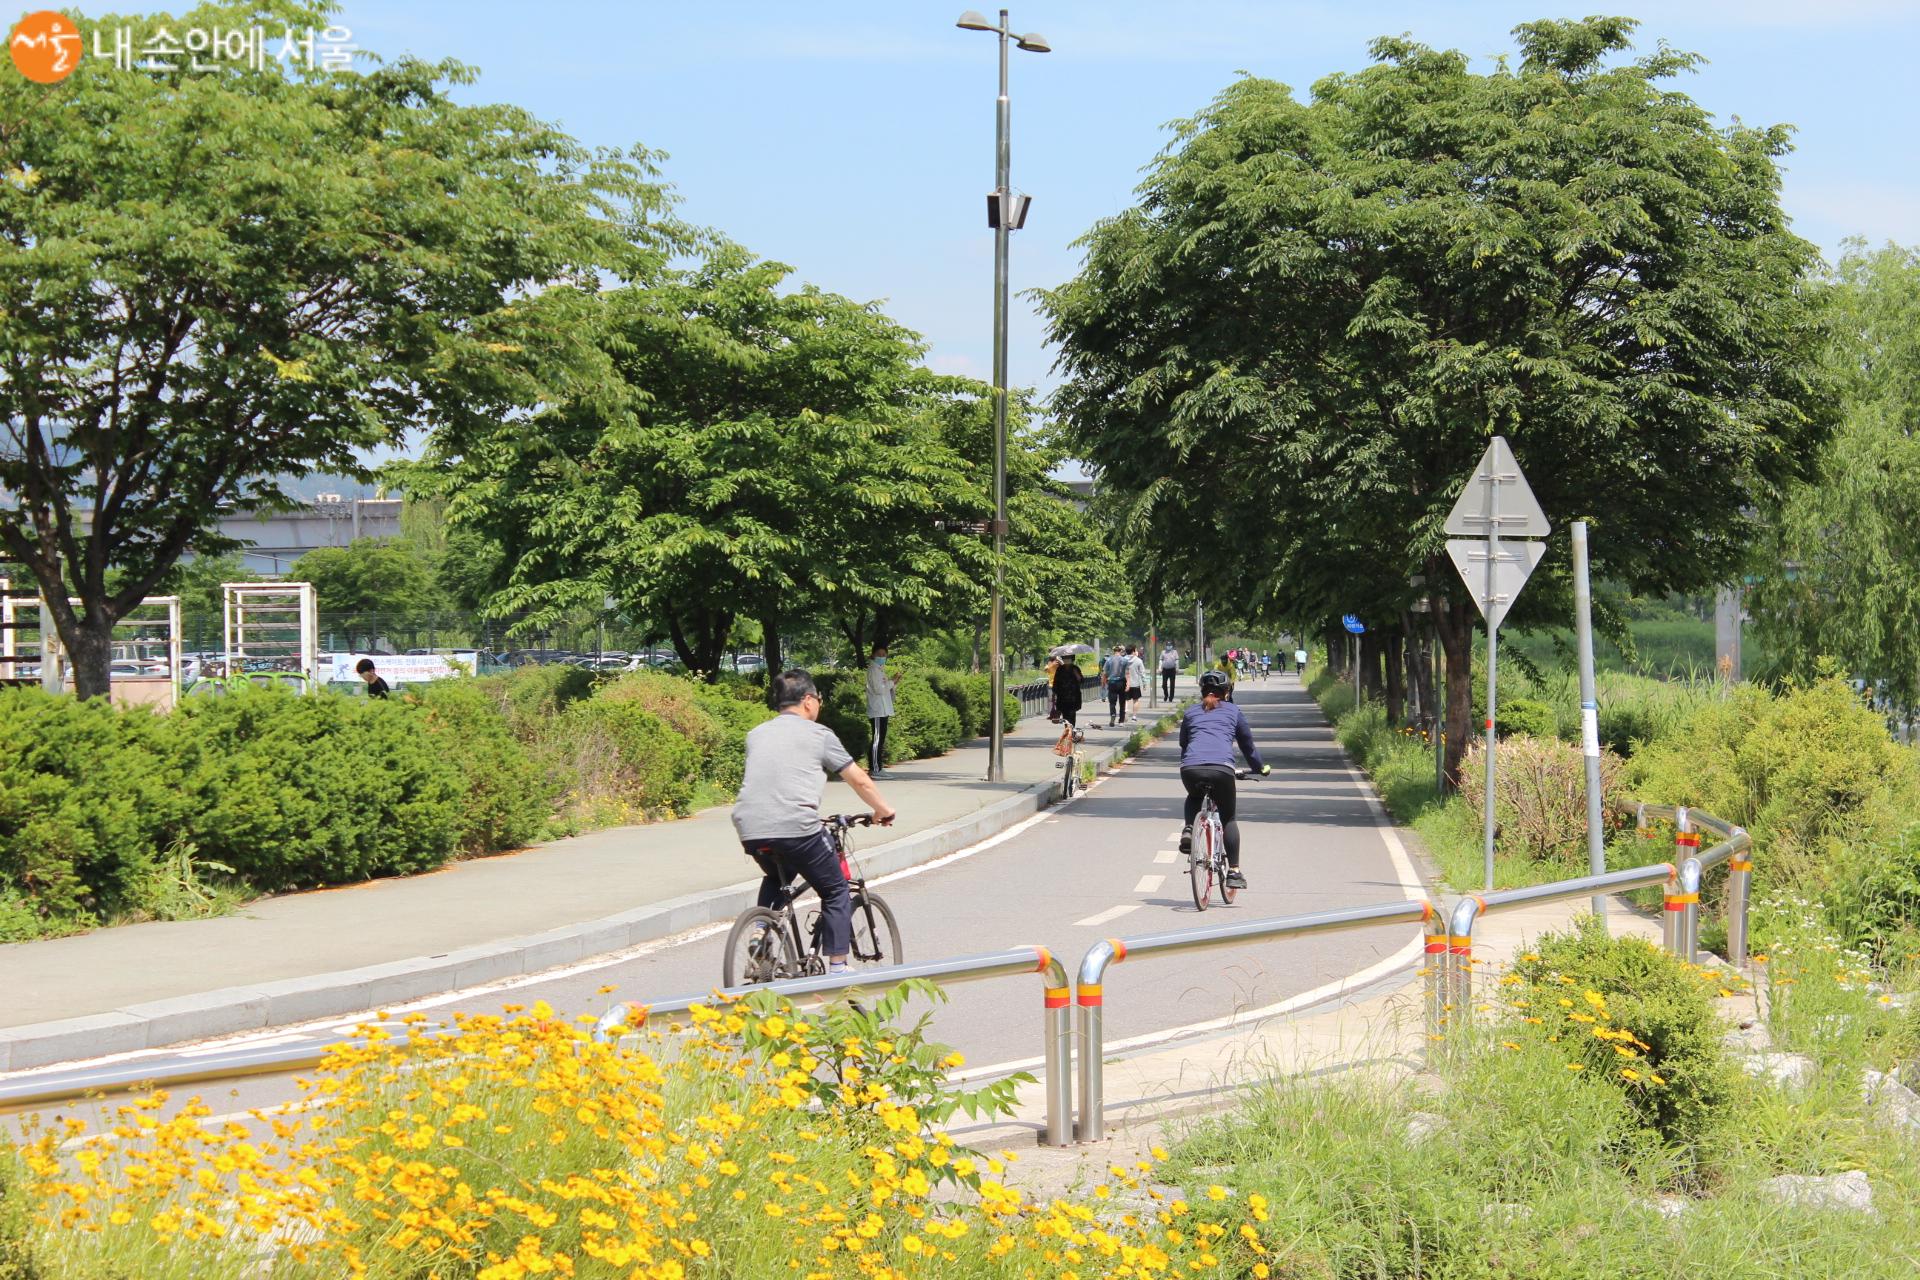 청계천 주변으로 자전거를 타는 시민들